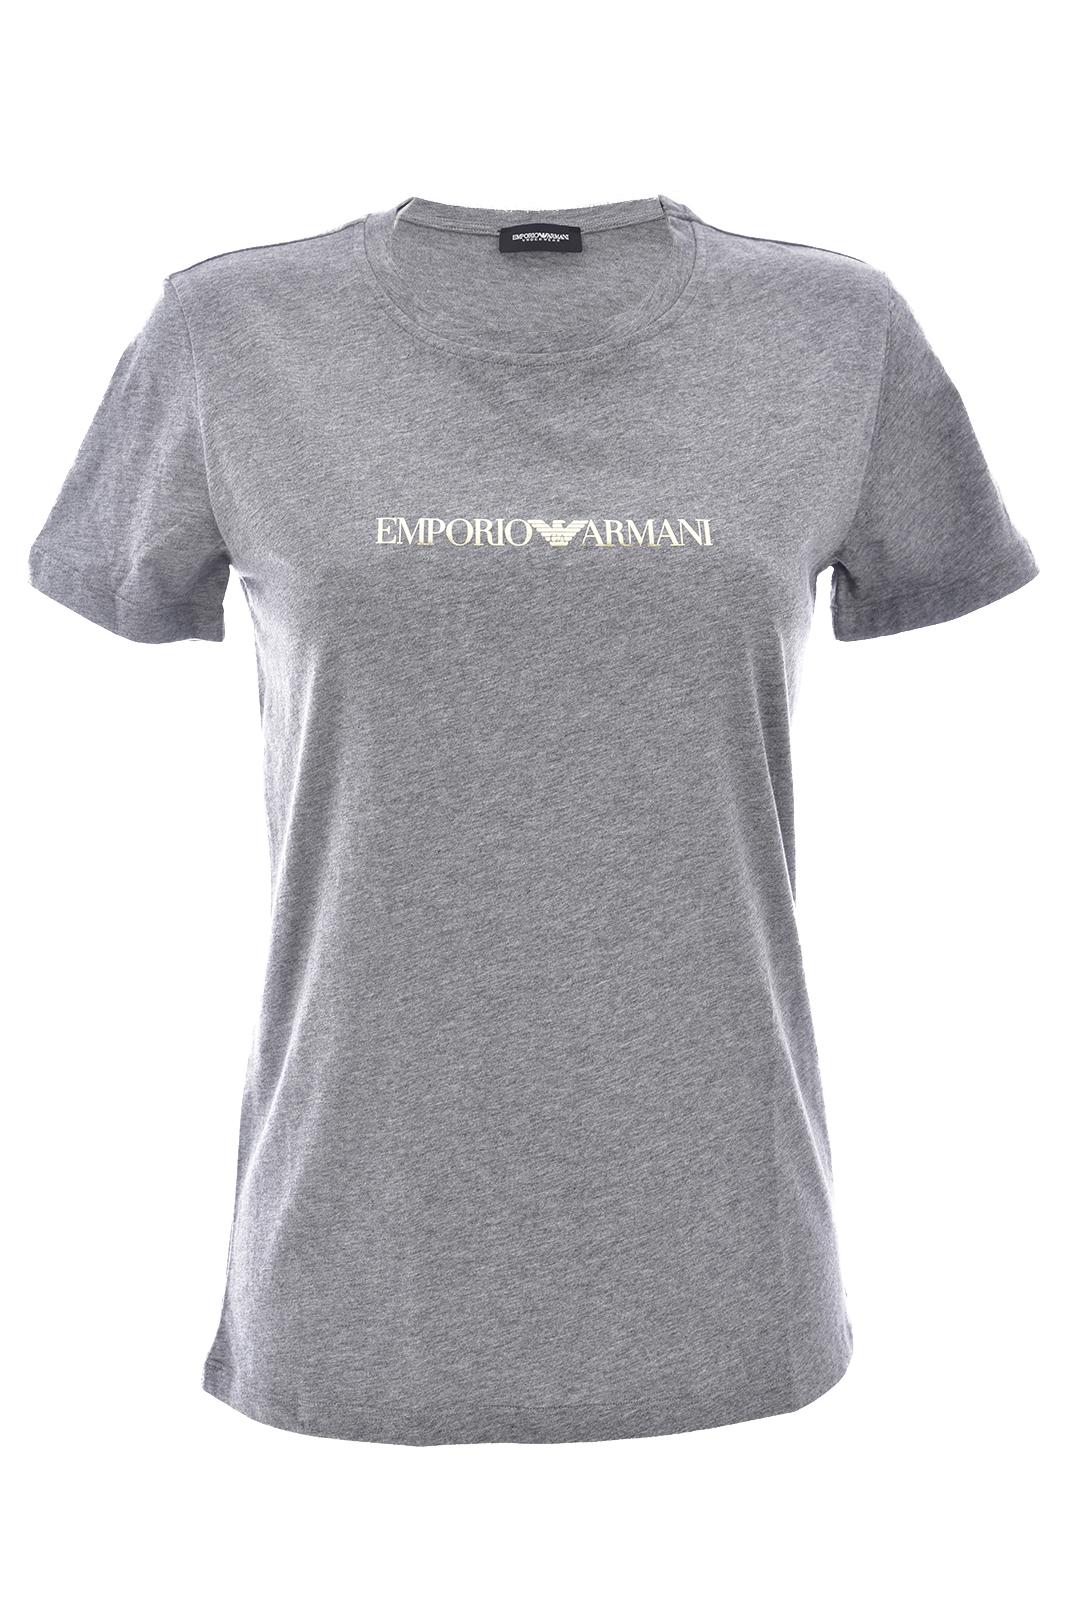 Tee shirt  Emporio armani 164141 8A277 06749 GIGRIO MELANGE